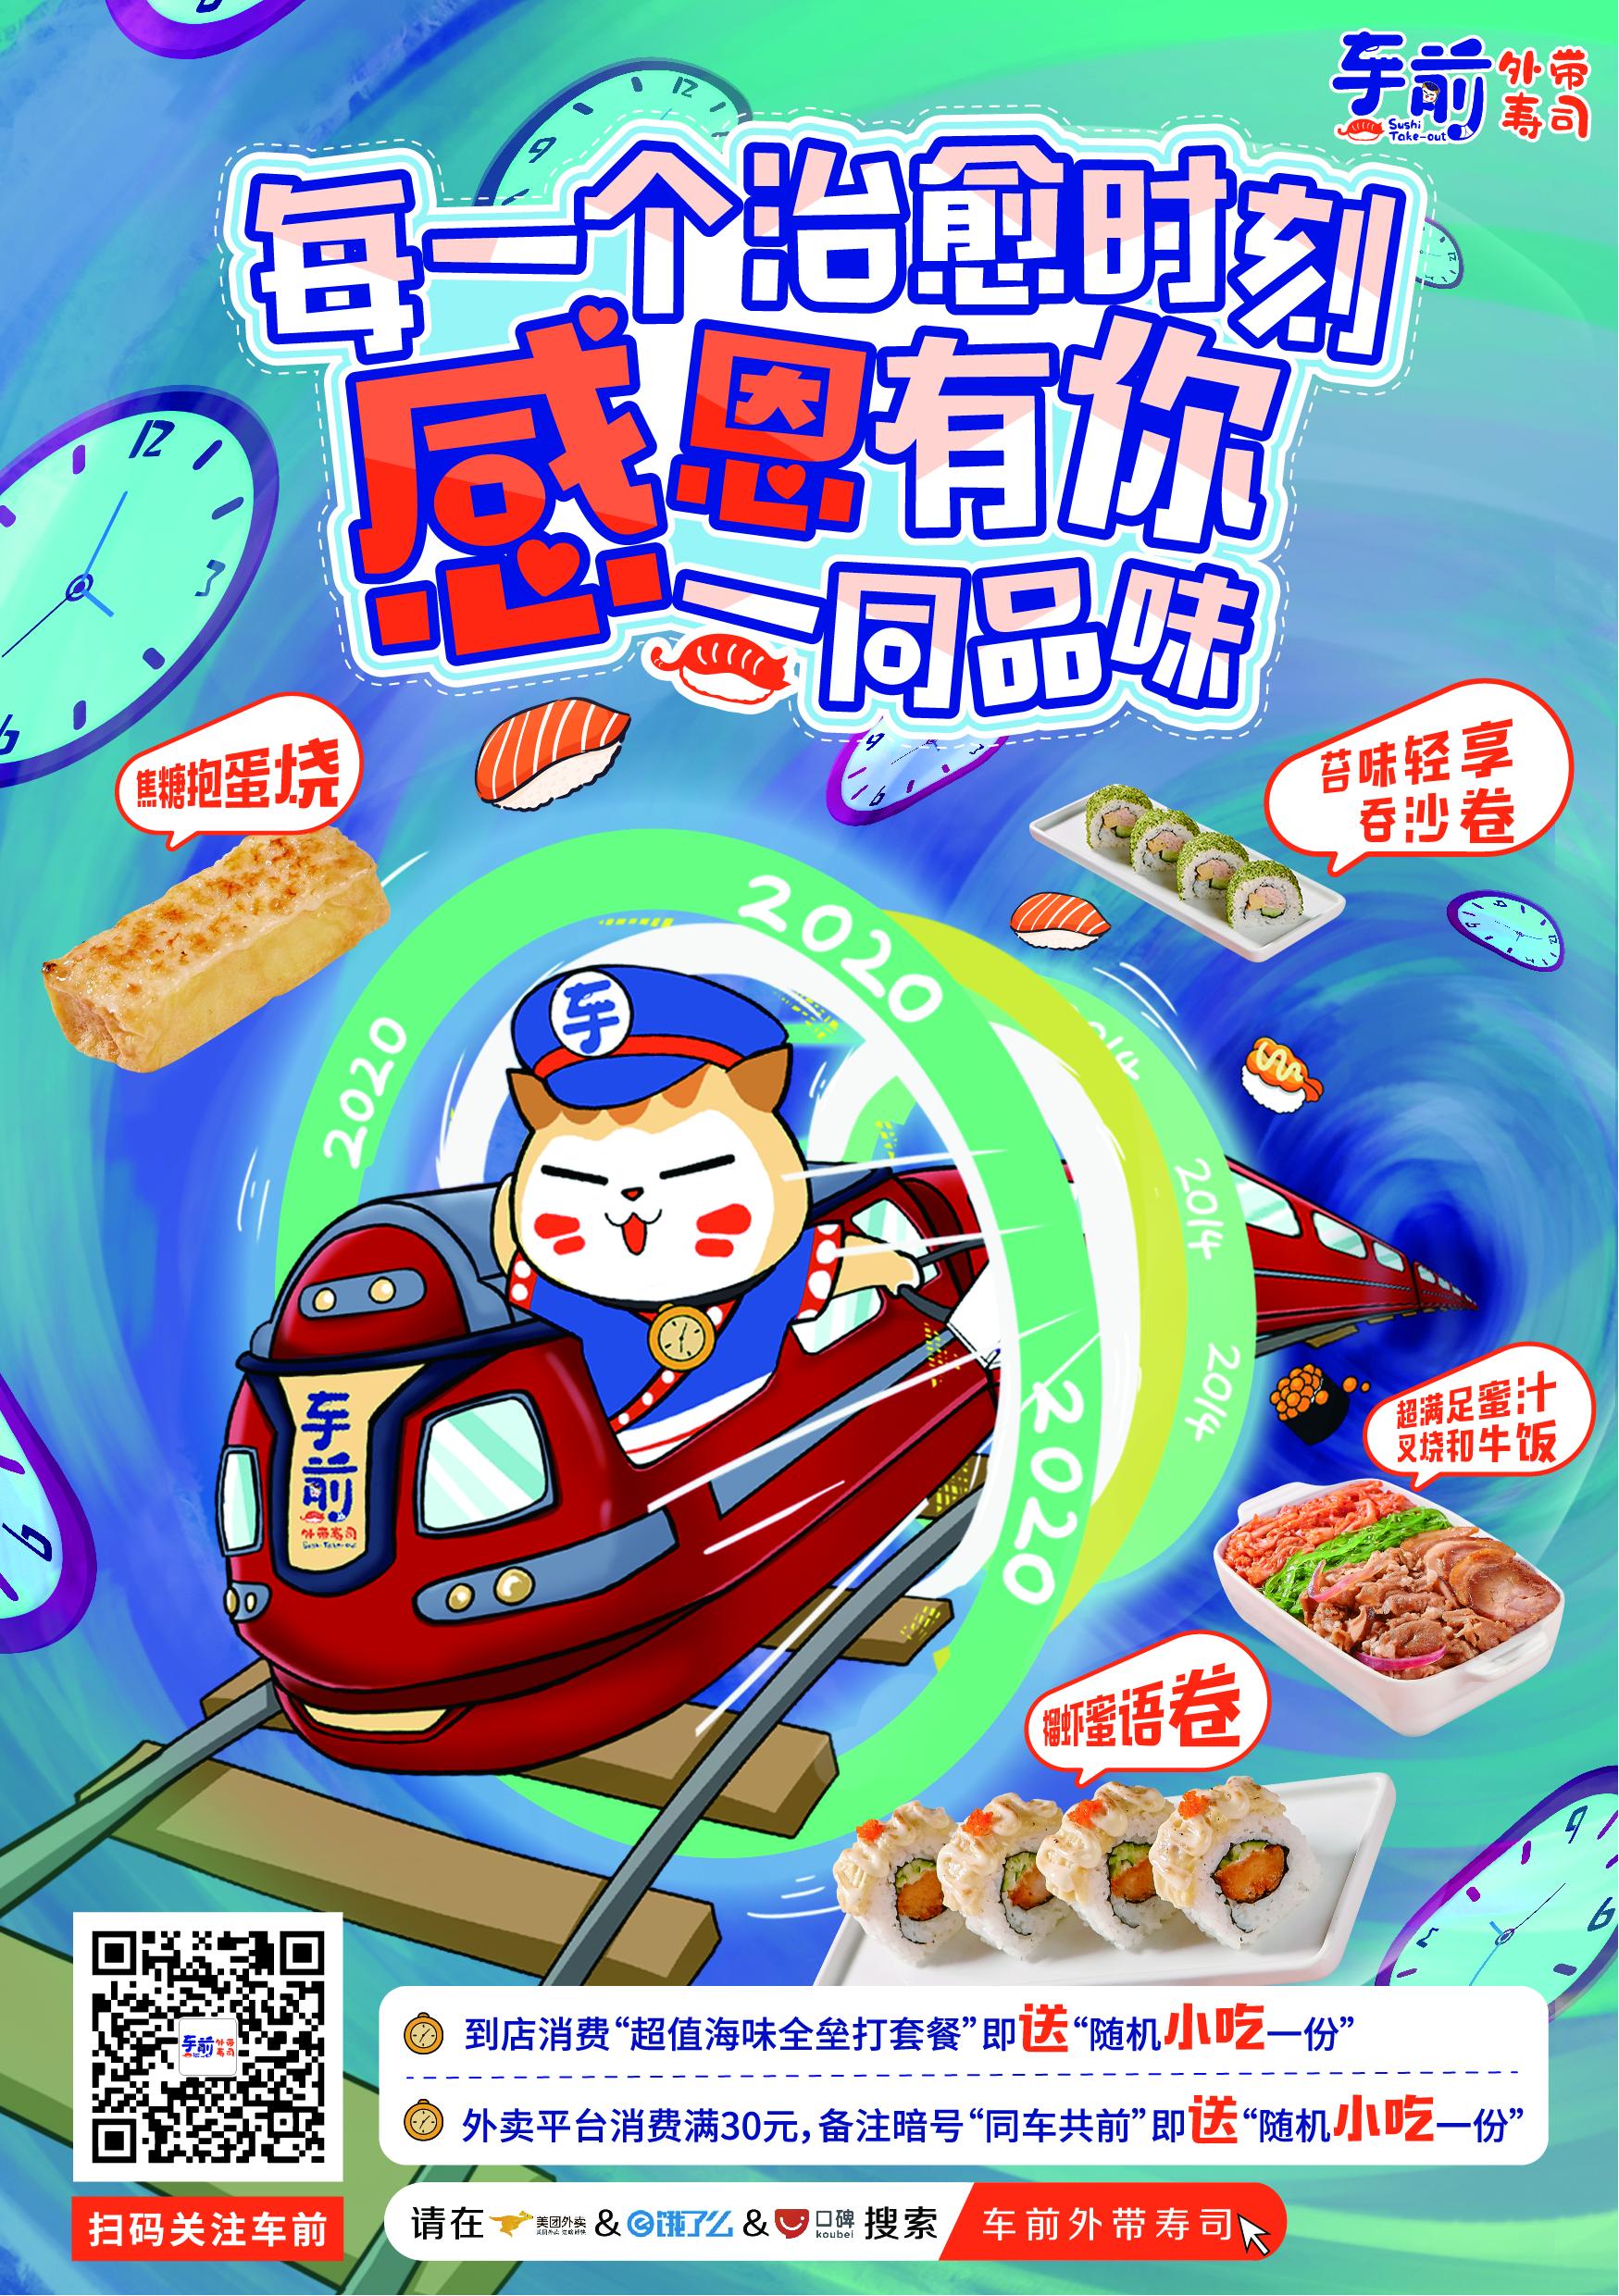 车前感恩节海报-营销-148×210mm_画板 1.jpg